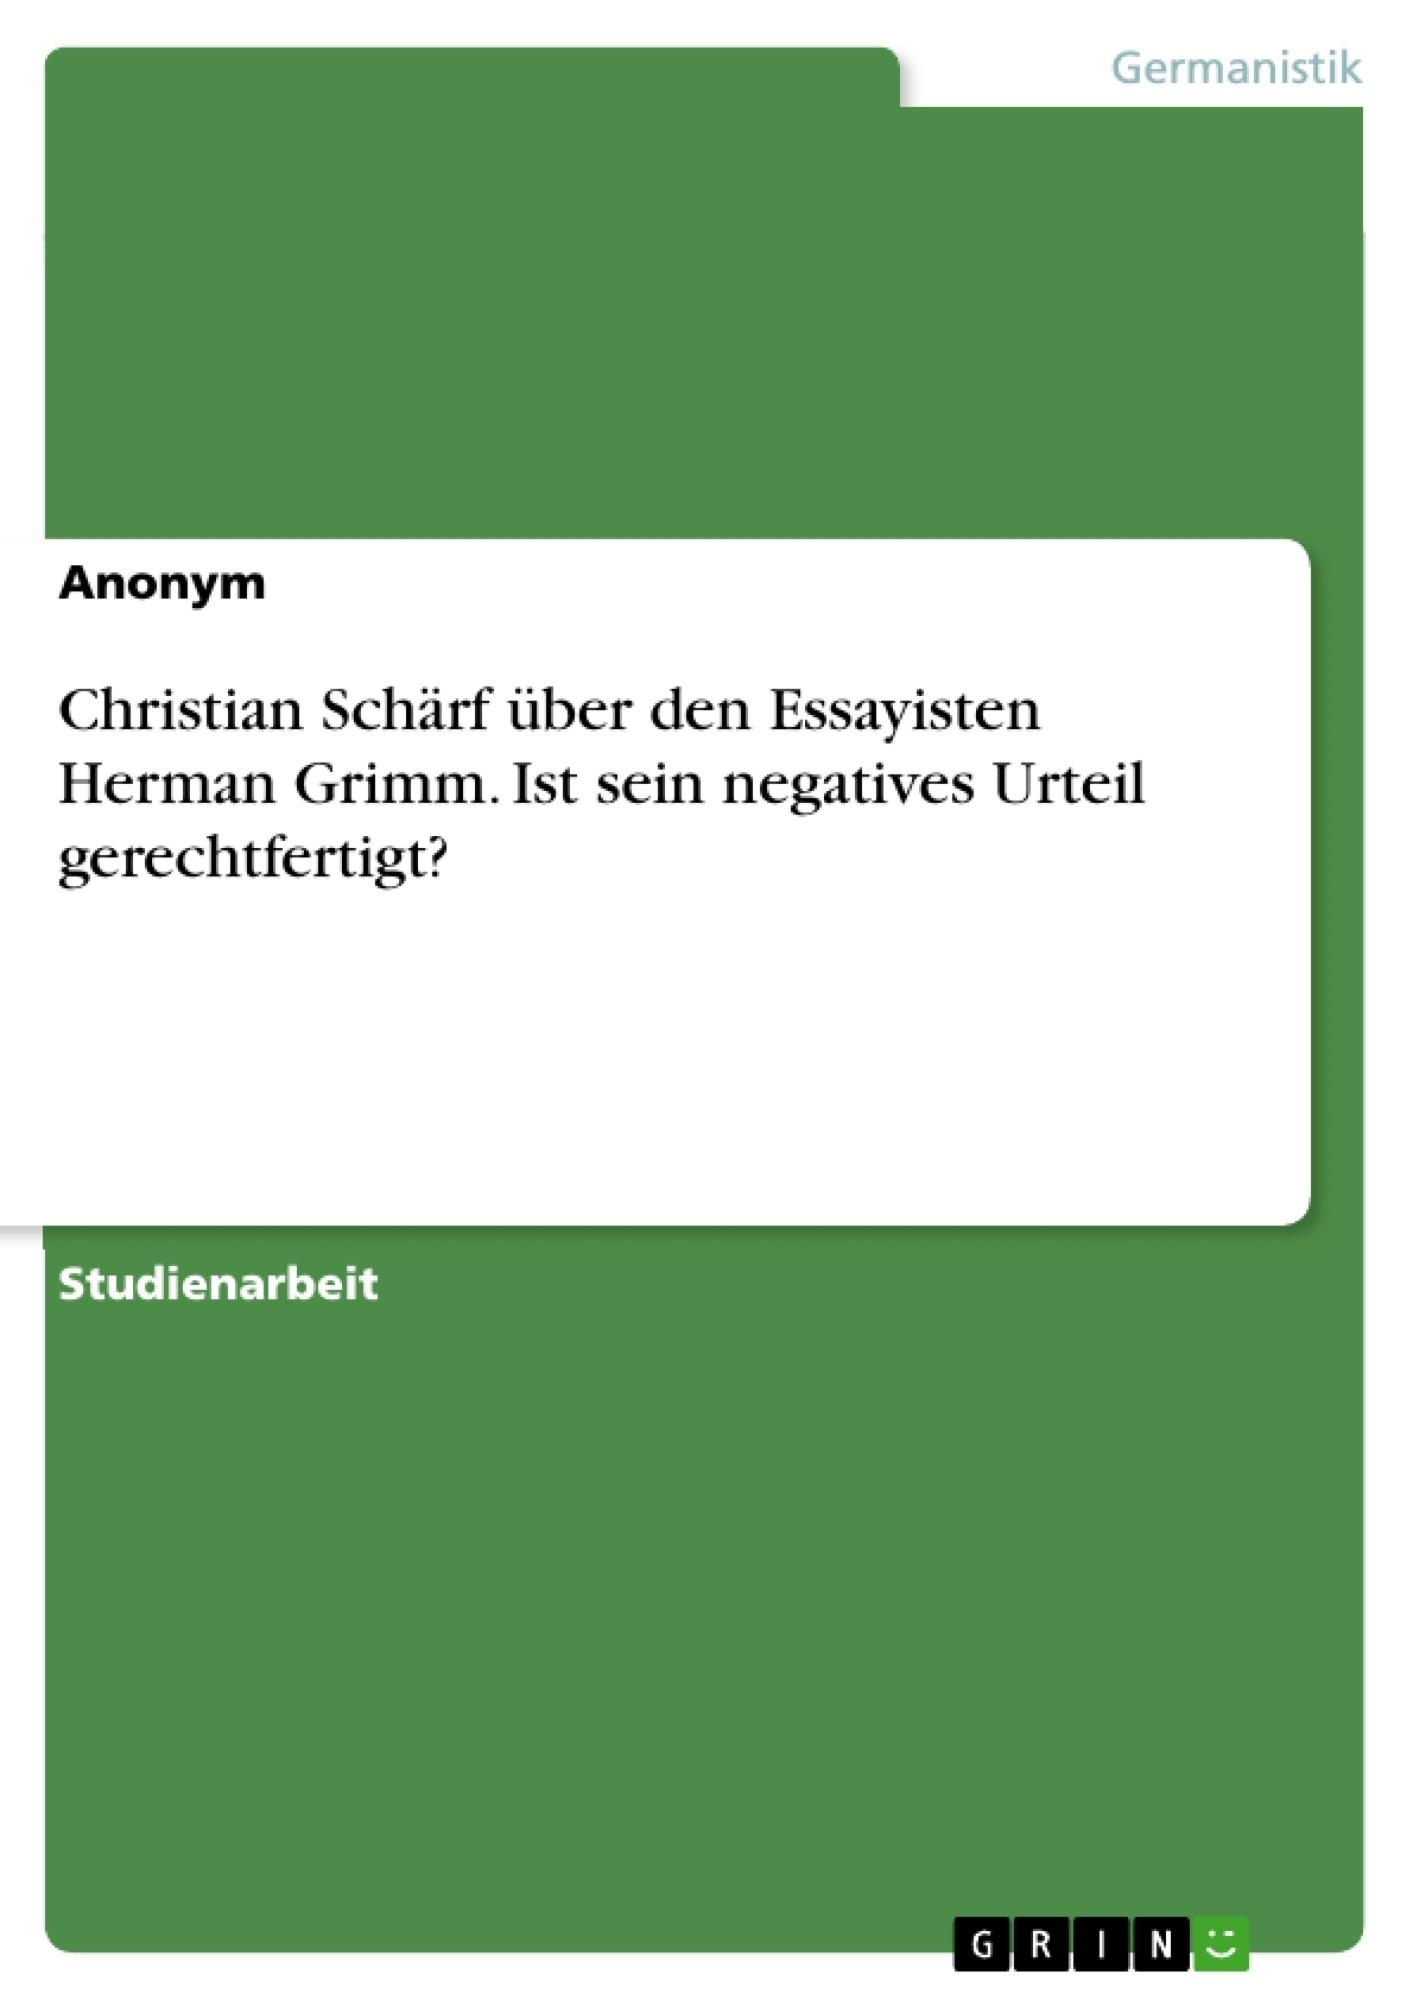 Titel: Christian Schärf über den Essayisten Herman Grimm. Ist sein negatives Urteil gerechtfertigt?